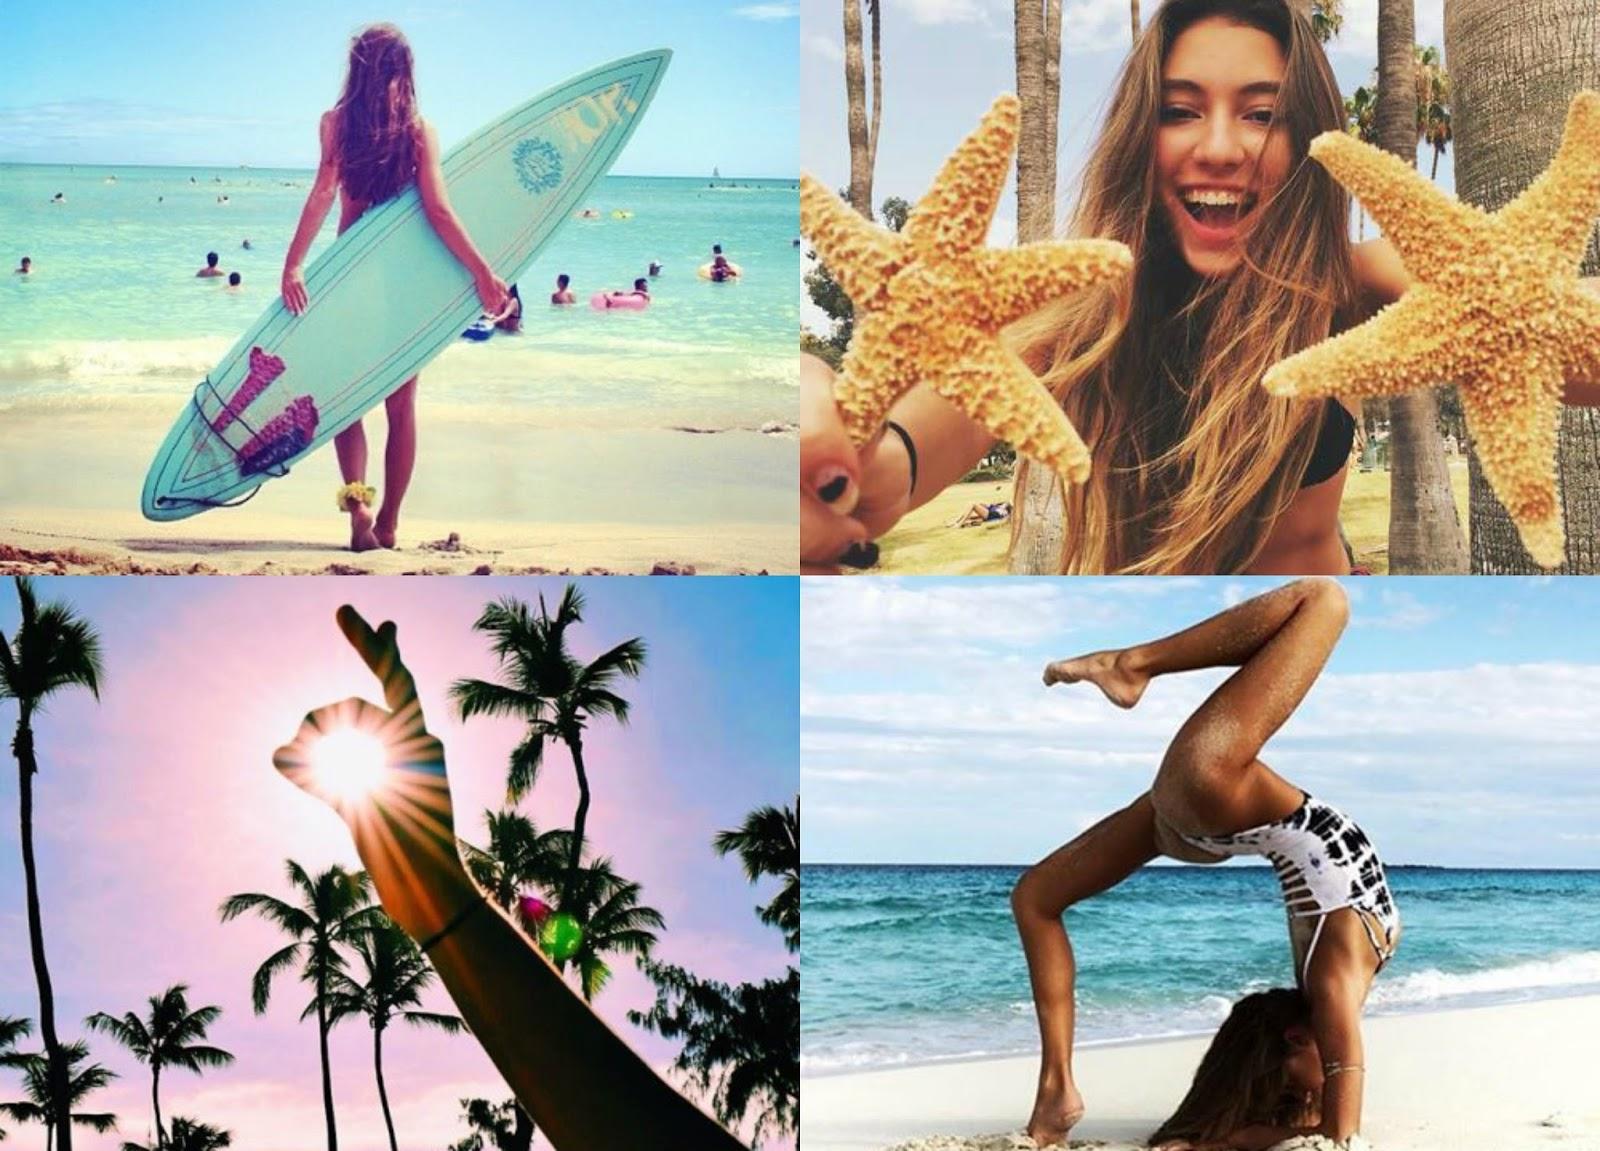 Inspiração para tirar fotos no verão #1